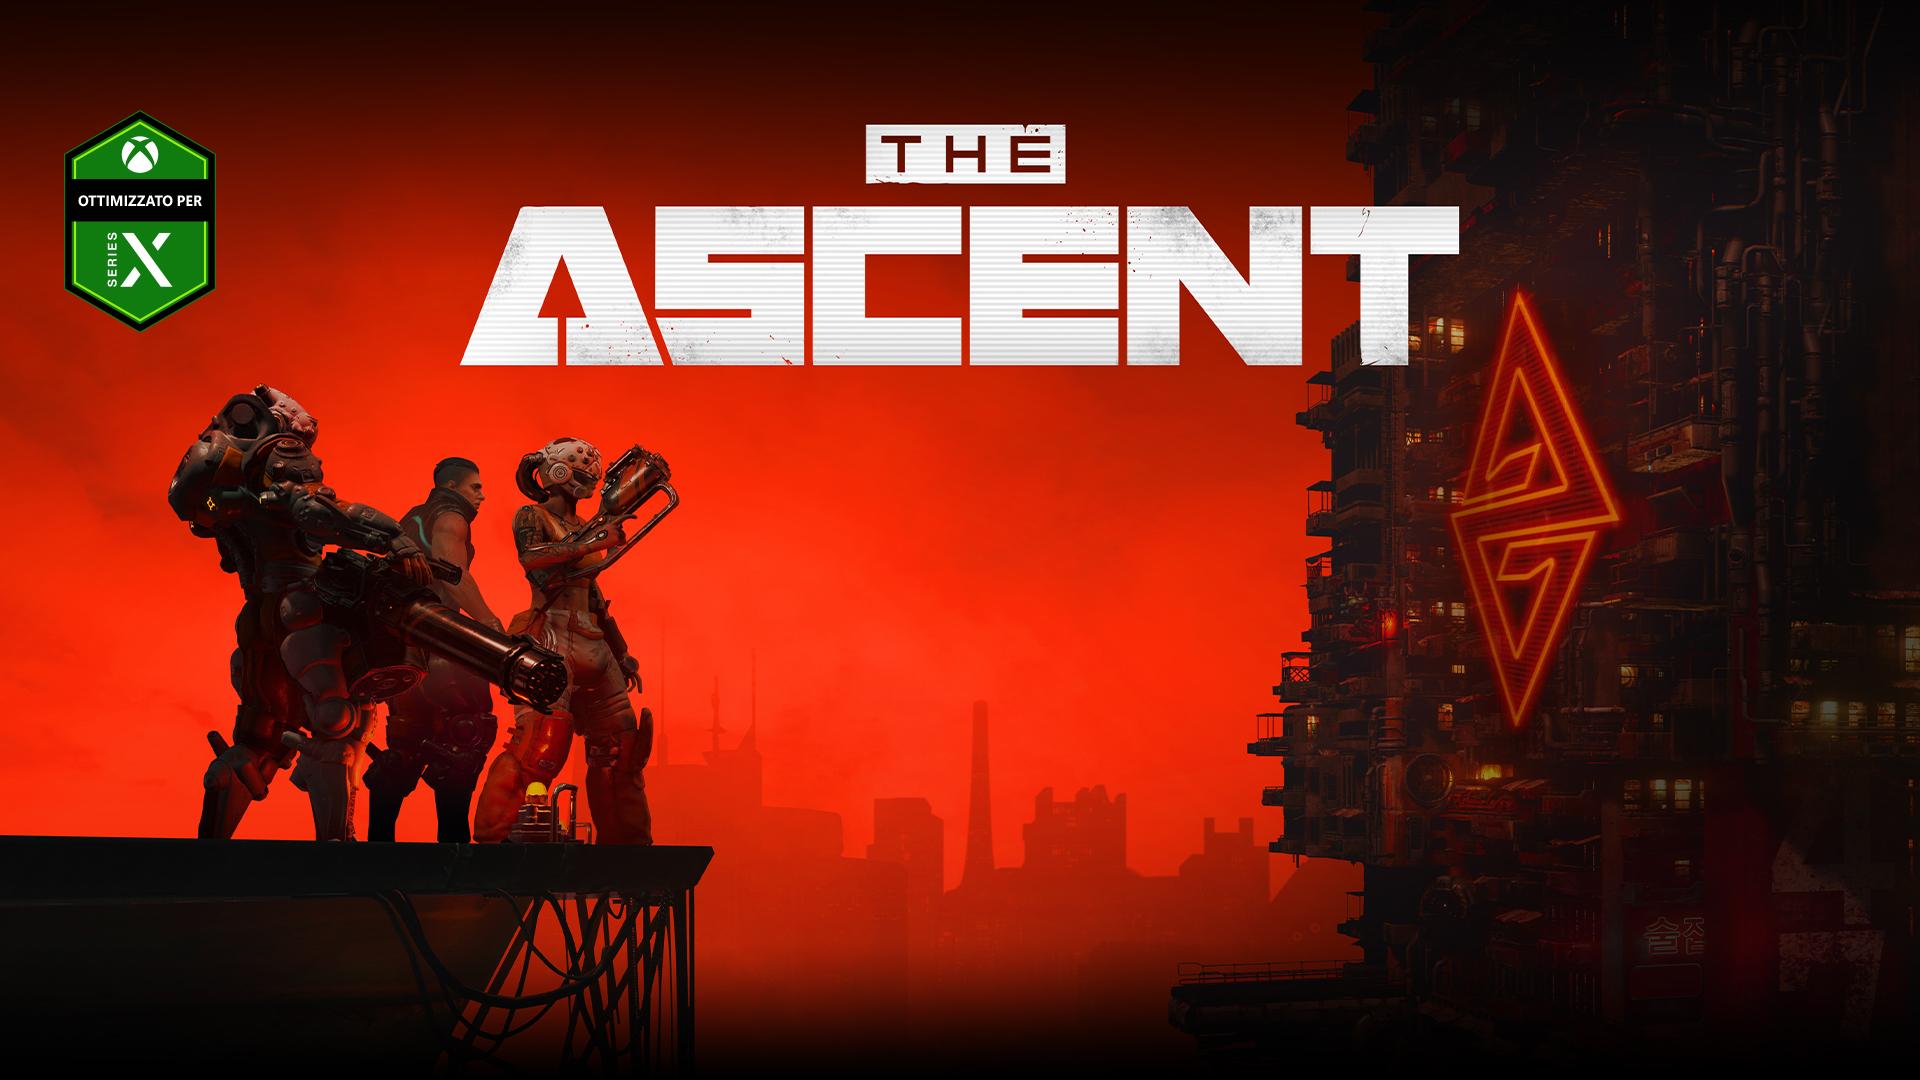 The Ascent, ottimizzato per Xbox Series X, tre personaggi in piedi su una piattaforma che si affaccia su un grande capannone industriale in stile cyberpunk